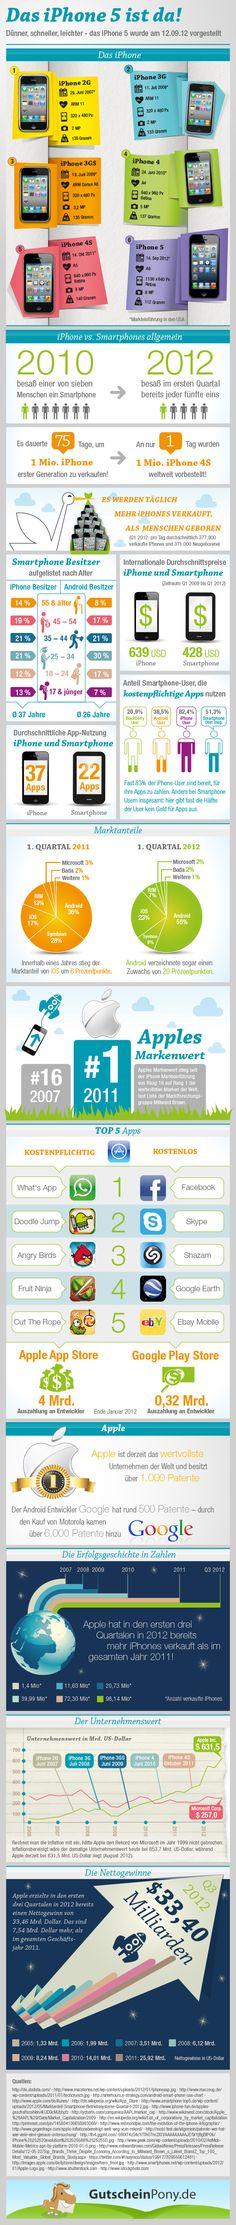 Das neue iPhone 5 und die Geschichte des iPhone. #Infografik